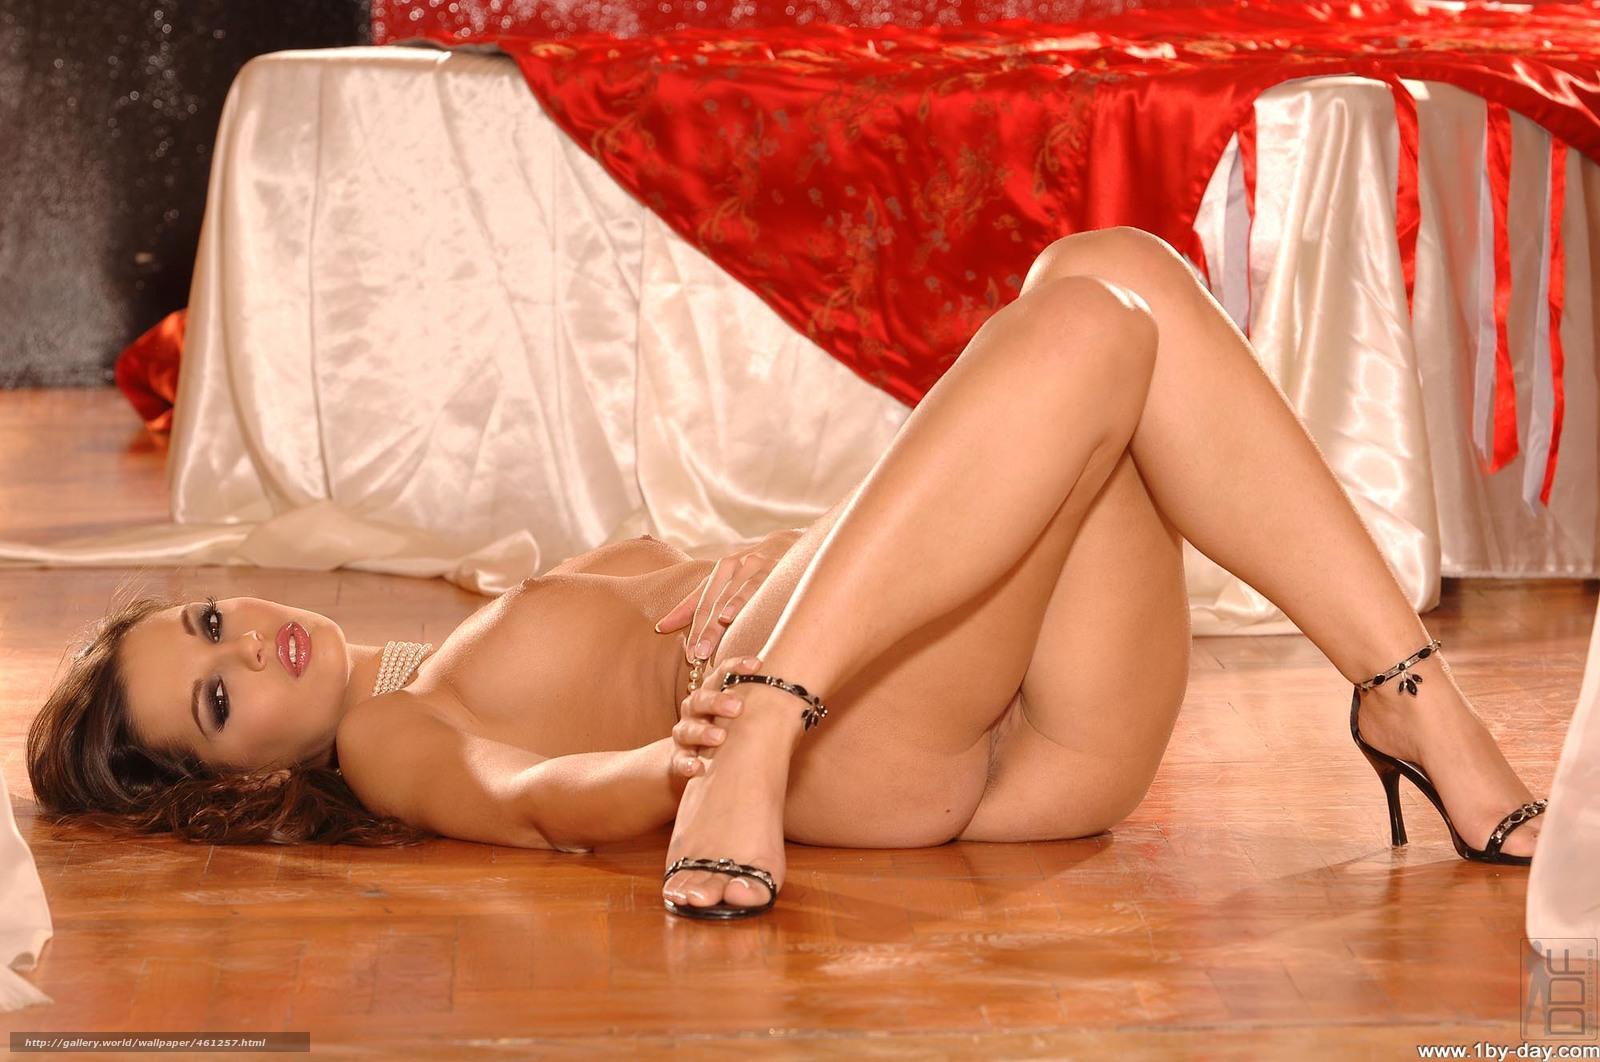 Сайты высококачественного эротического фото 17 фотография